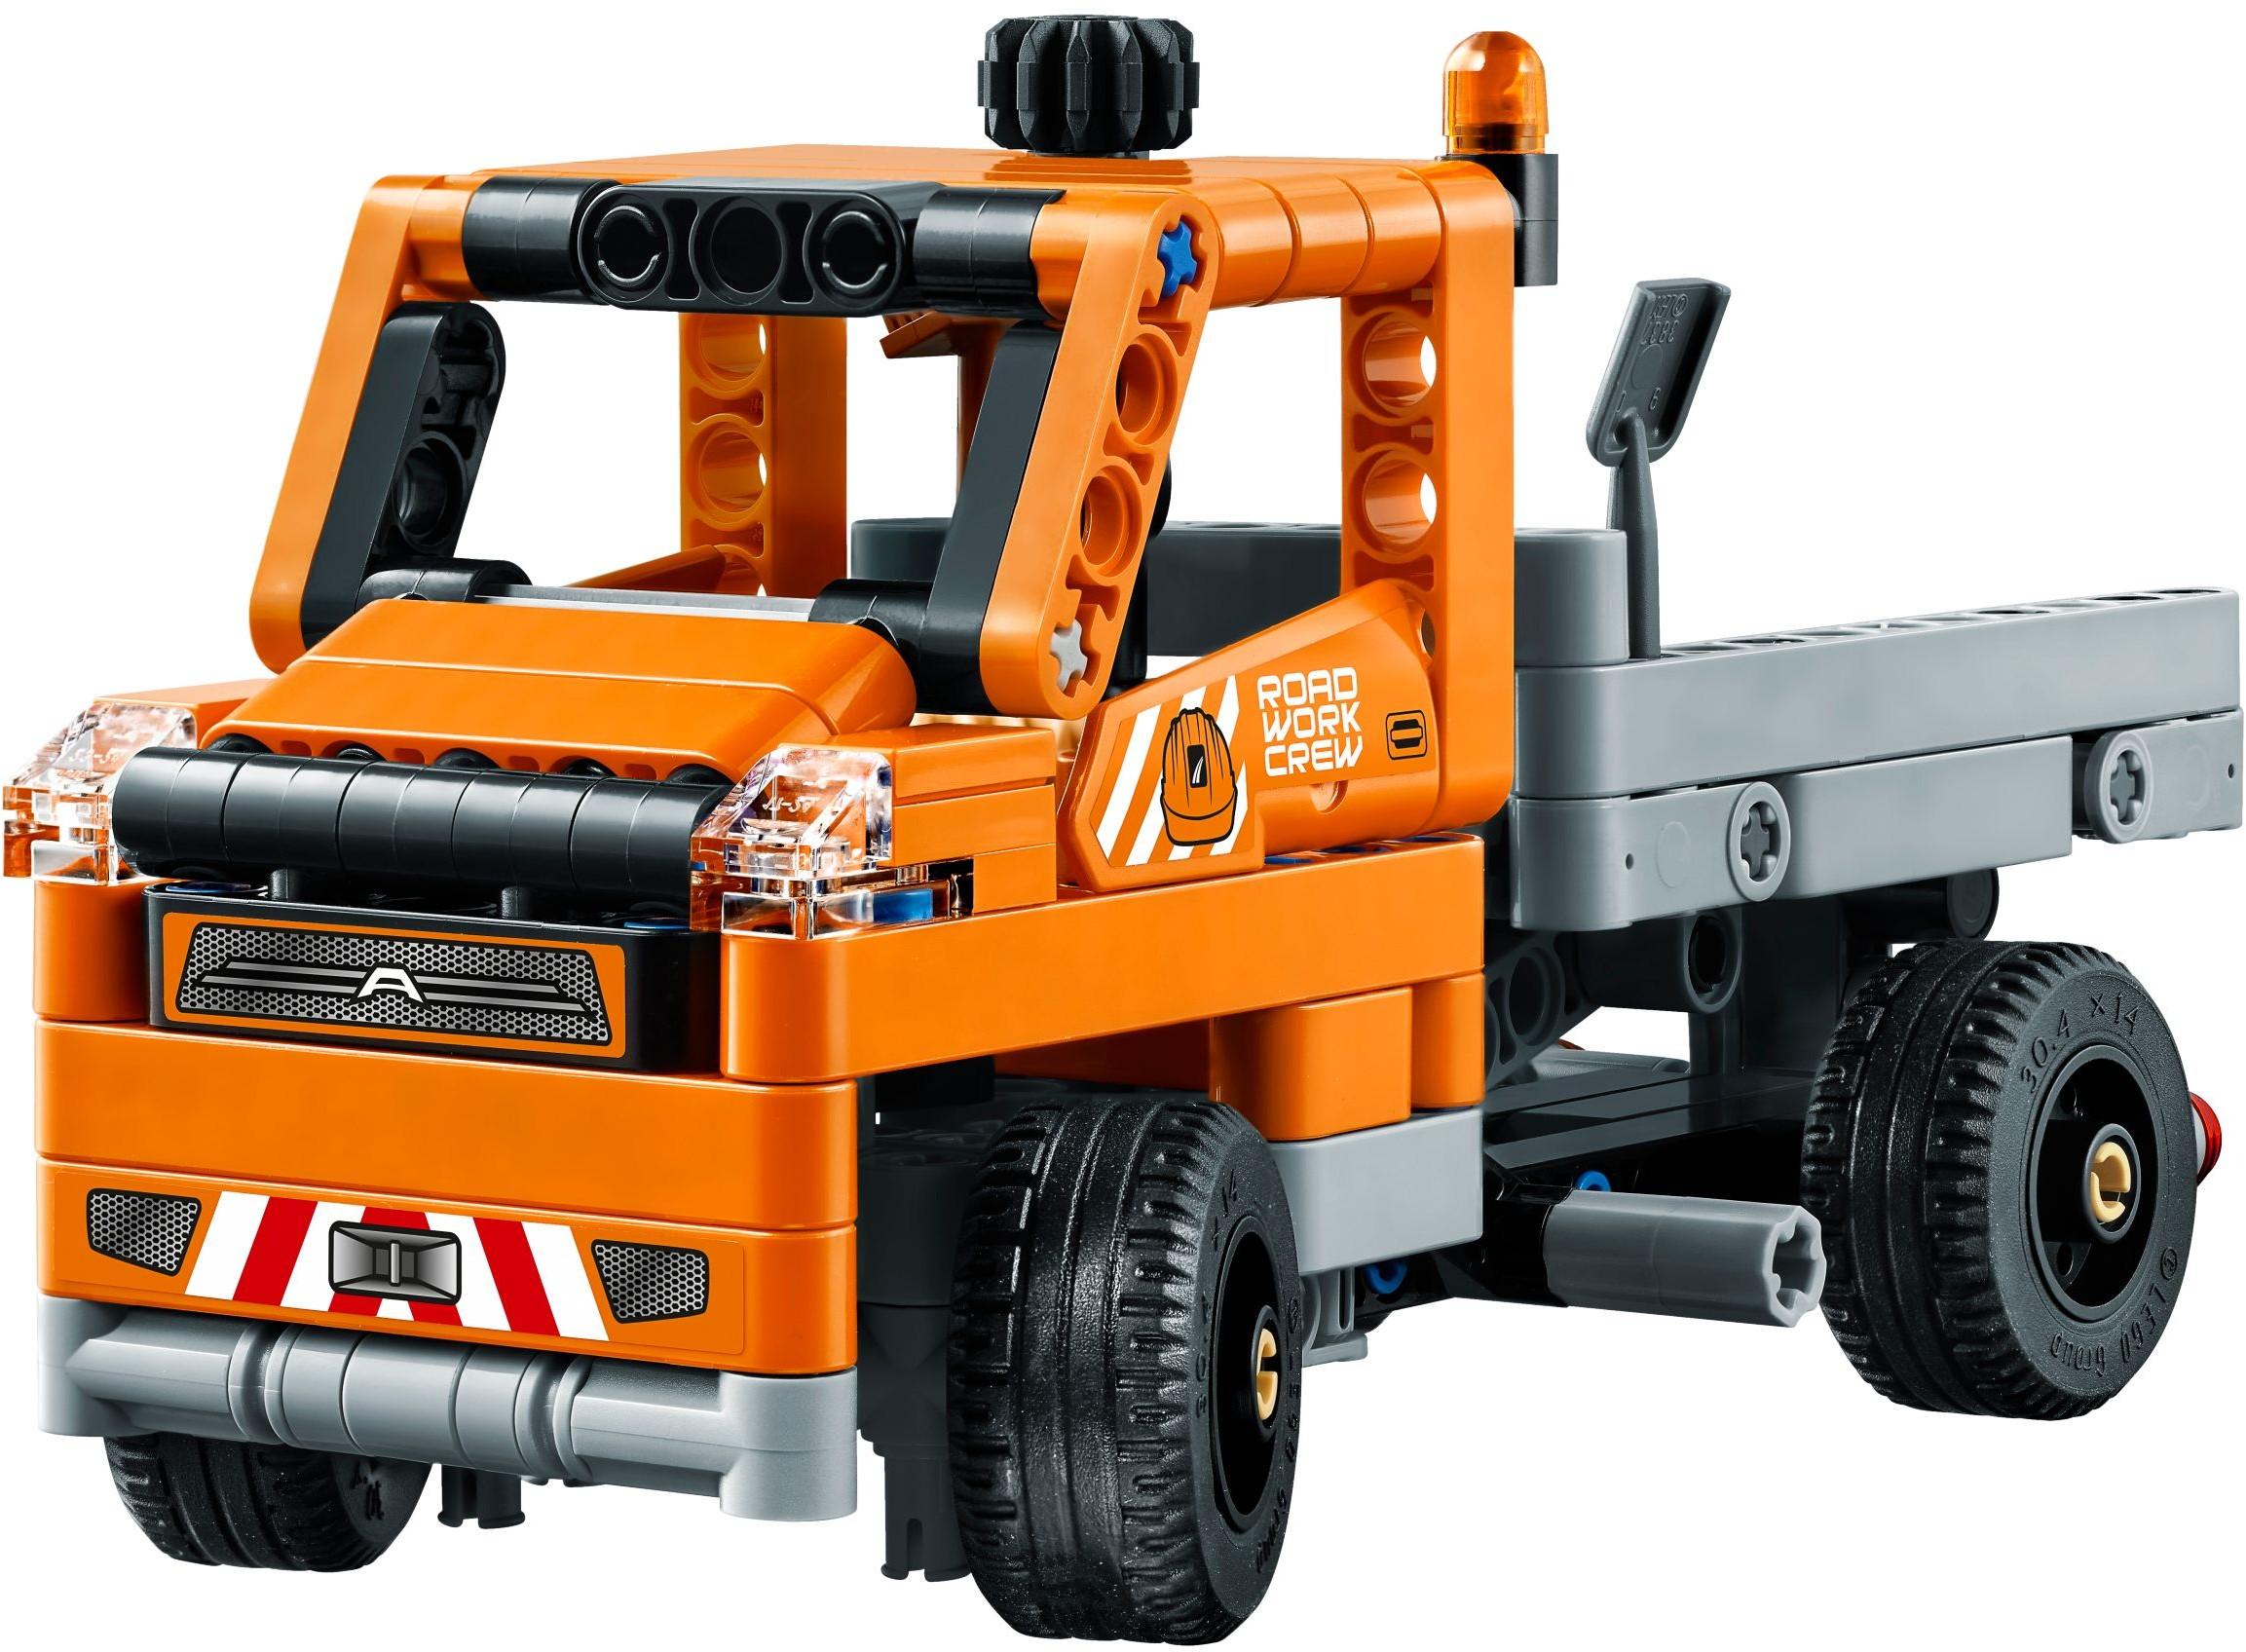 Mua đồ chơi LEGO 42060 - LEGO Technic 42060 - Đội Xe Làm Đường (LEGO Technic Roadwork Crew 42060)